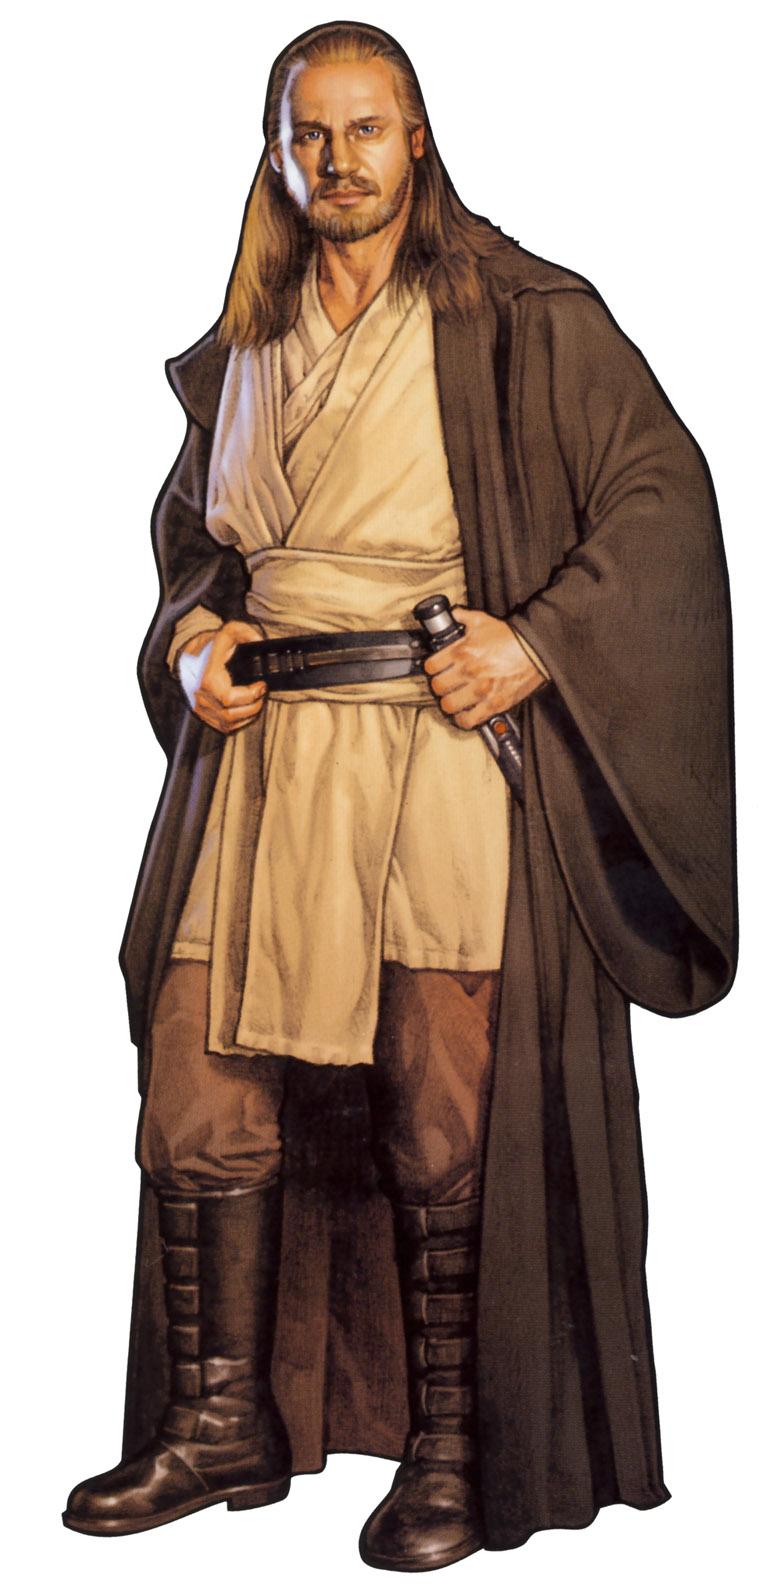 STAR WARS: The Old Republic - Klassiche Jedi Kleidung